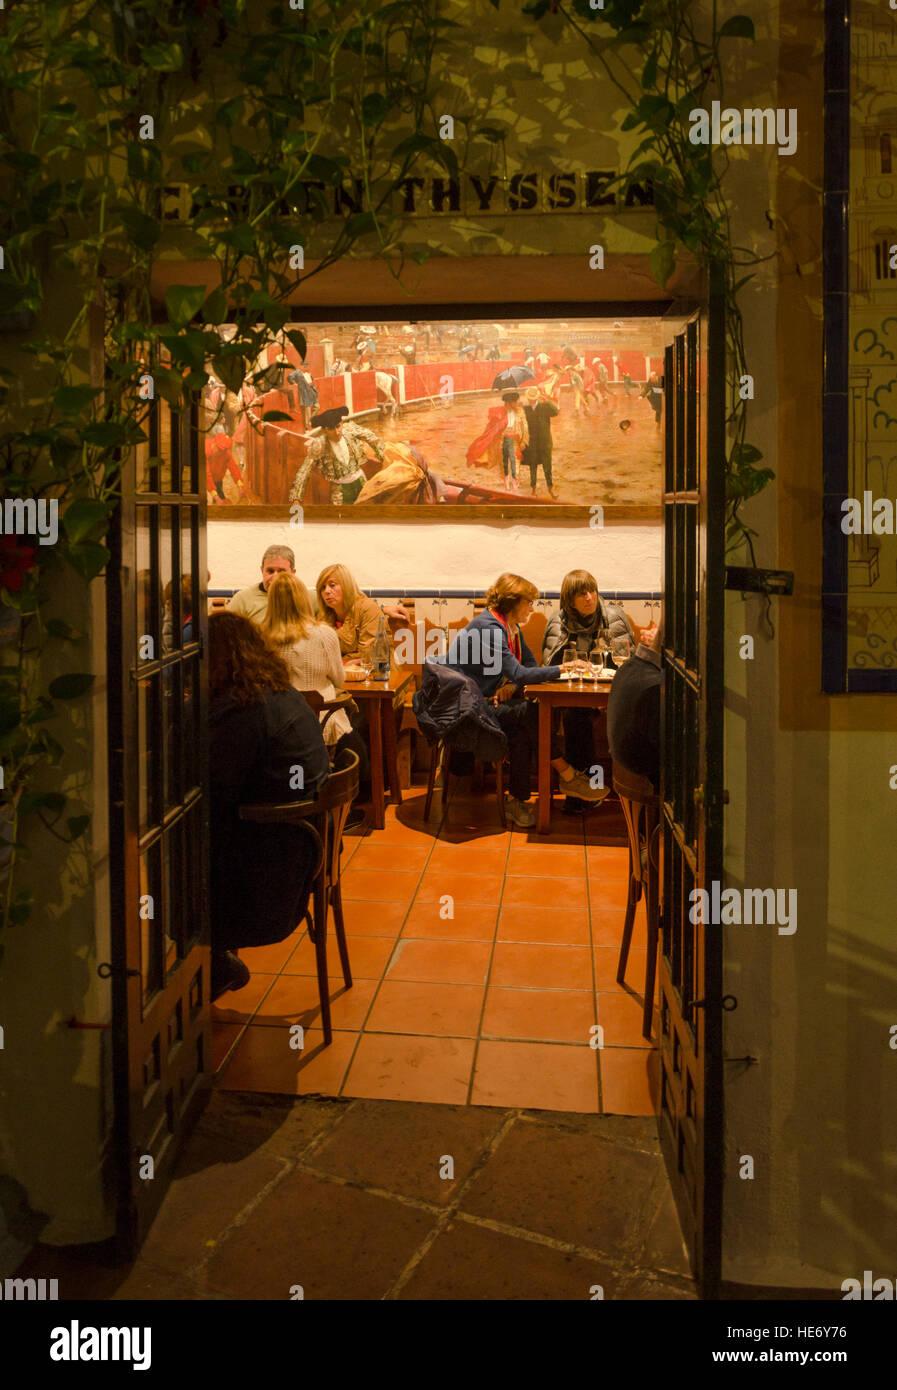 Bodega Bar El Pimpi Stock Photos Bodega Bar El Pimpi Stock Images